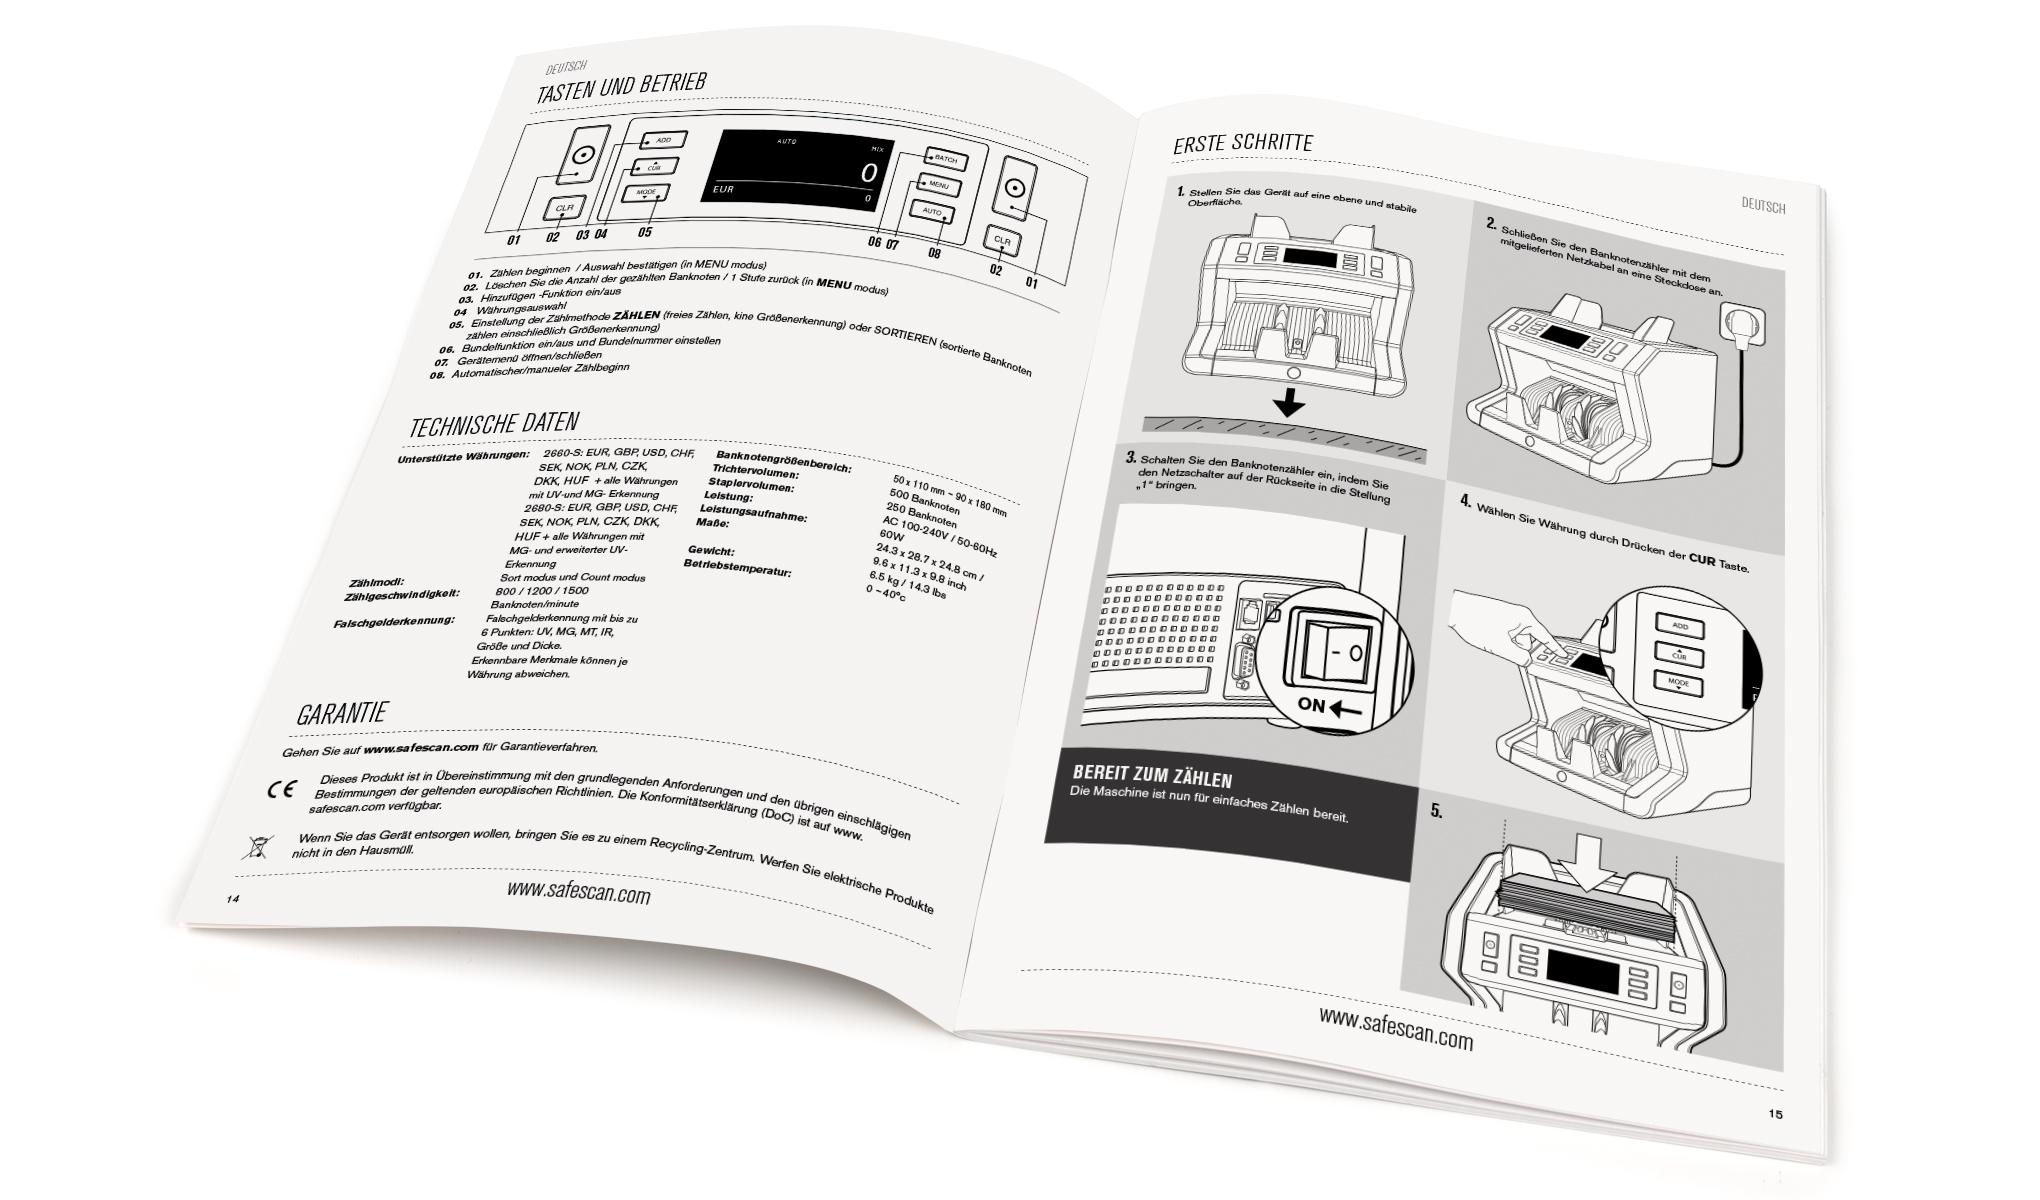 Geldzählmaschine - Safescan 2660-S | Safescan.com